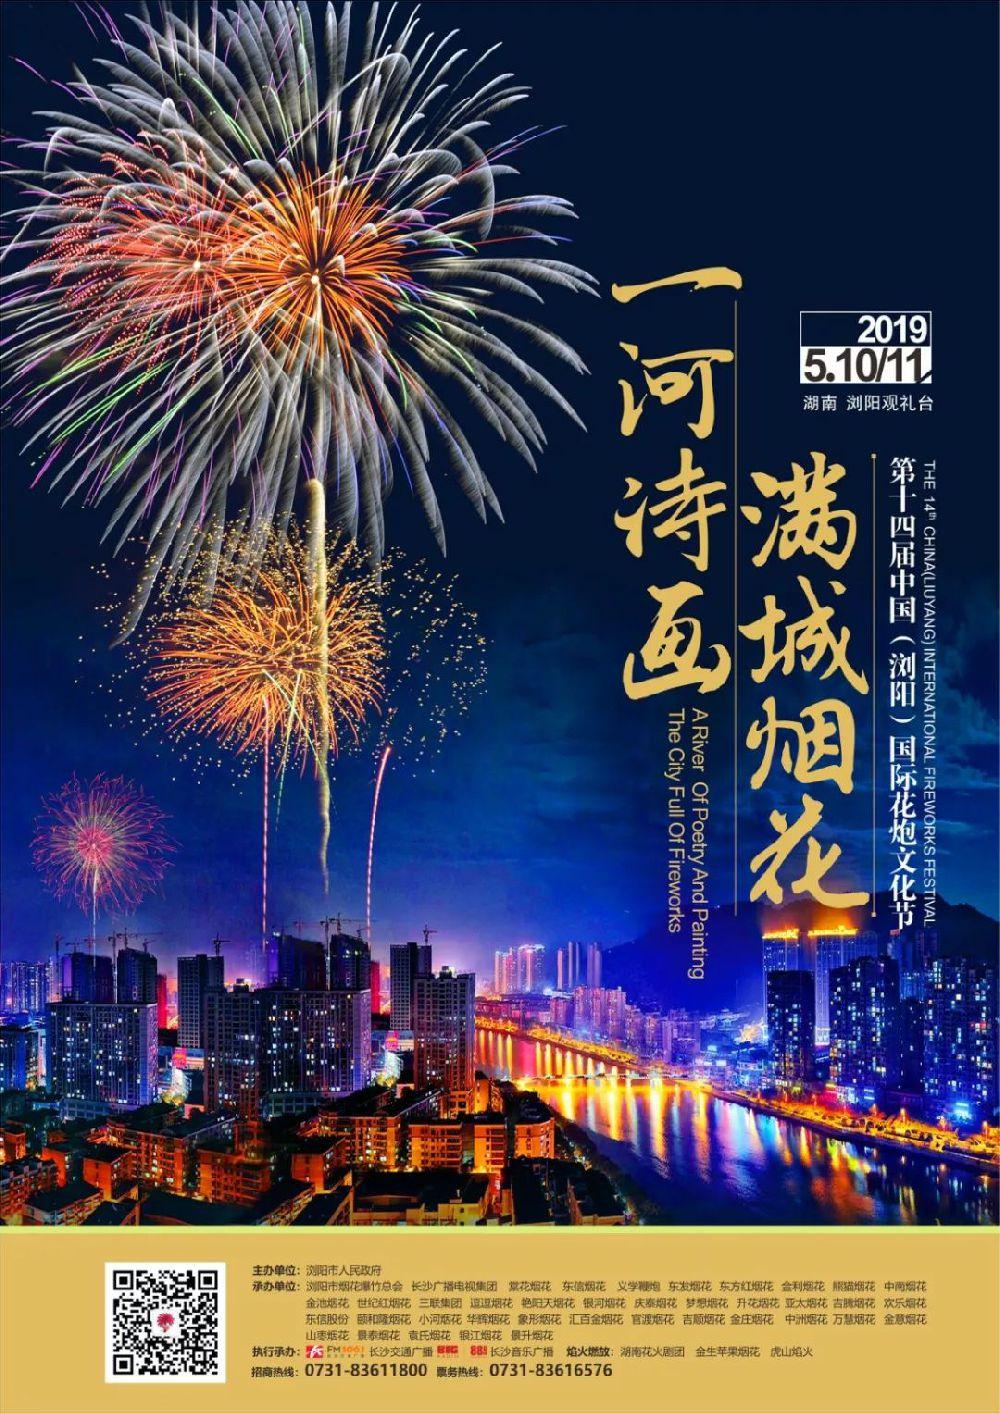 韩磊_浏阳花炮文化节时间+嘉宾+票价- 长沙本地宝